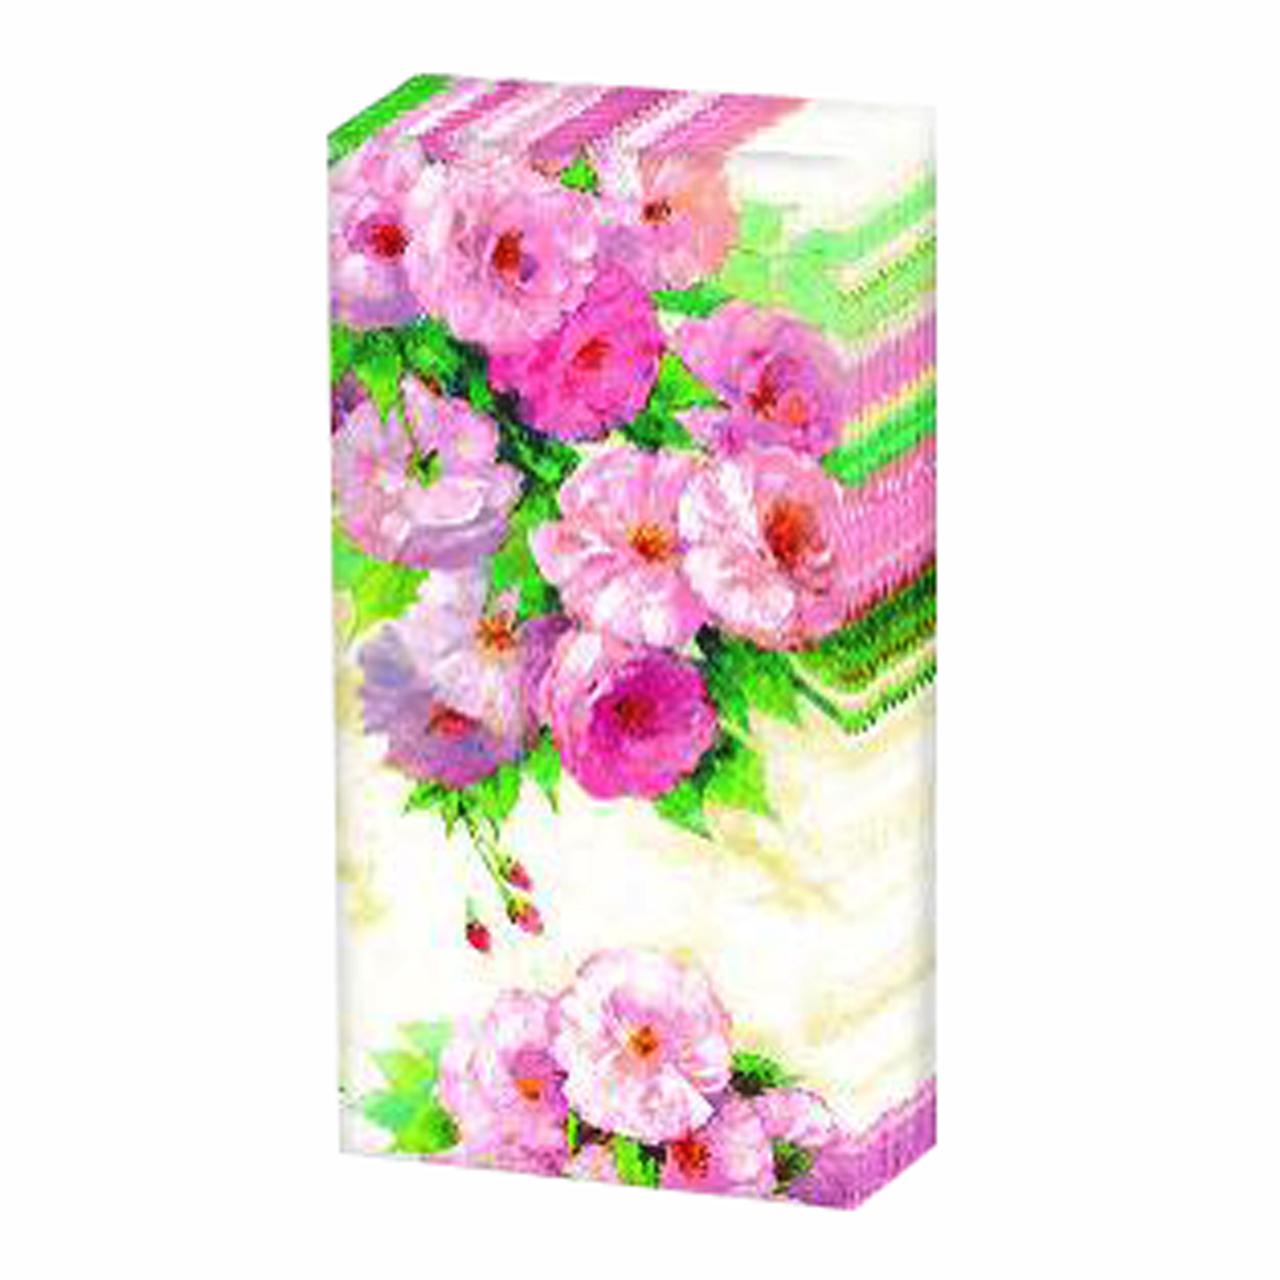 Servetele Decorative Batistute Din Hartie Cu Flori Roz